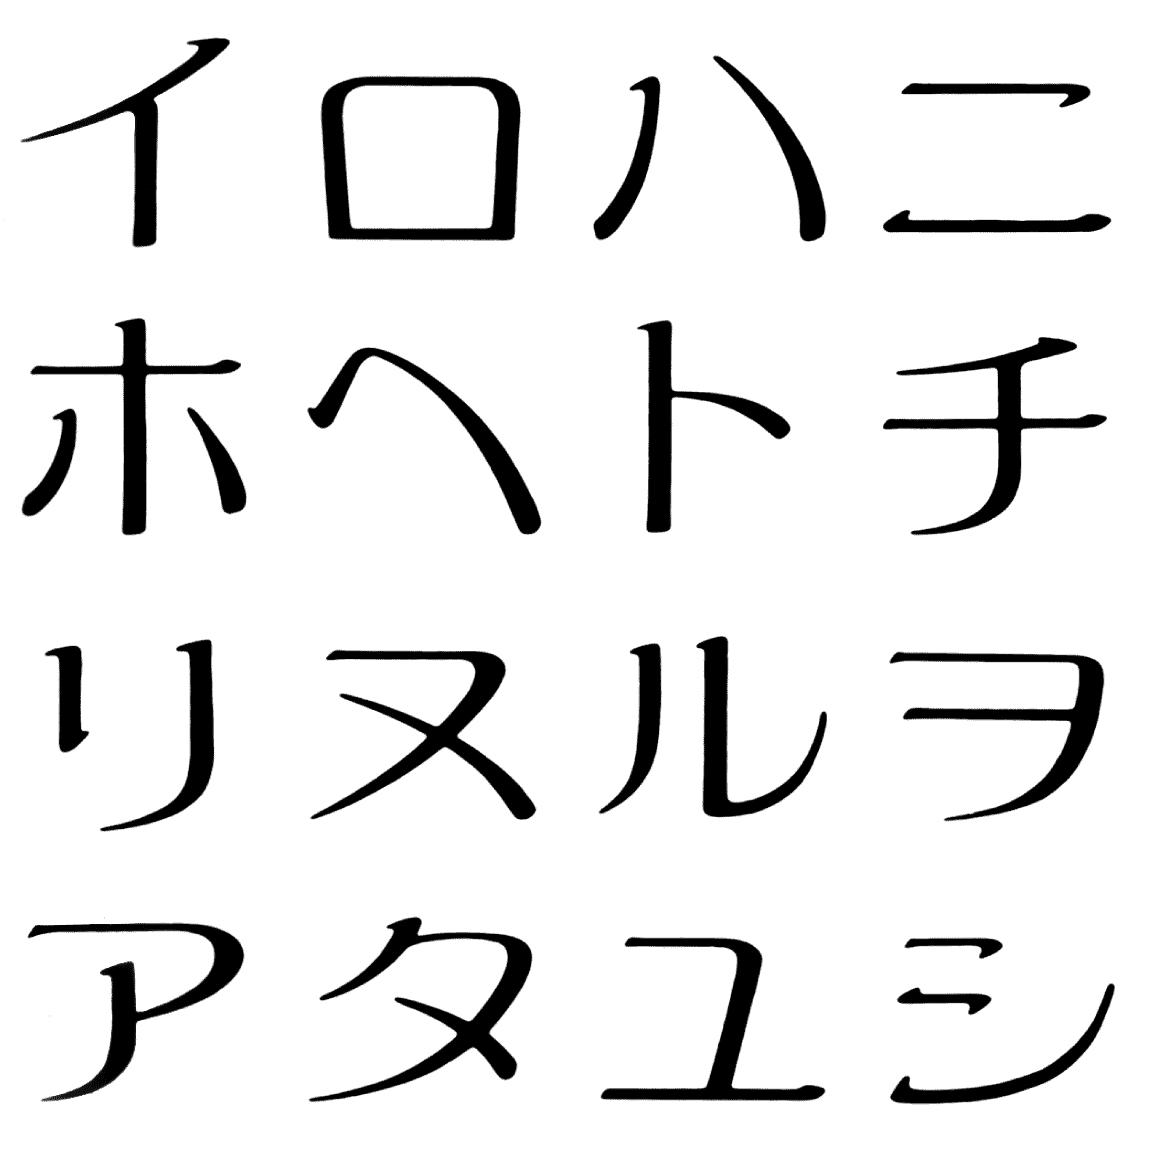 アキラ全角 KC 字形見本